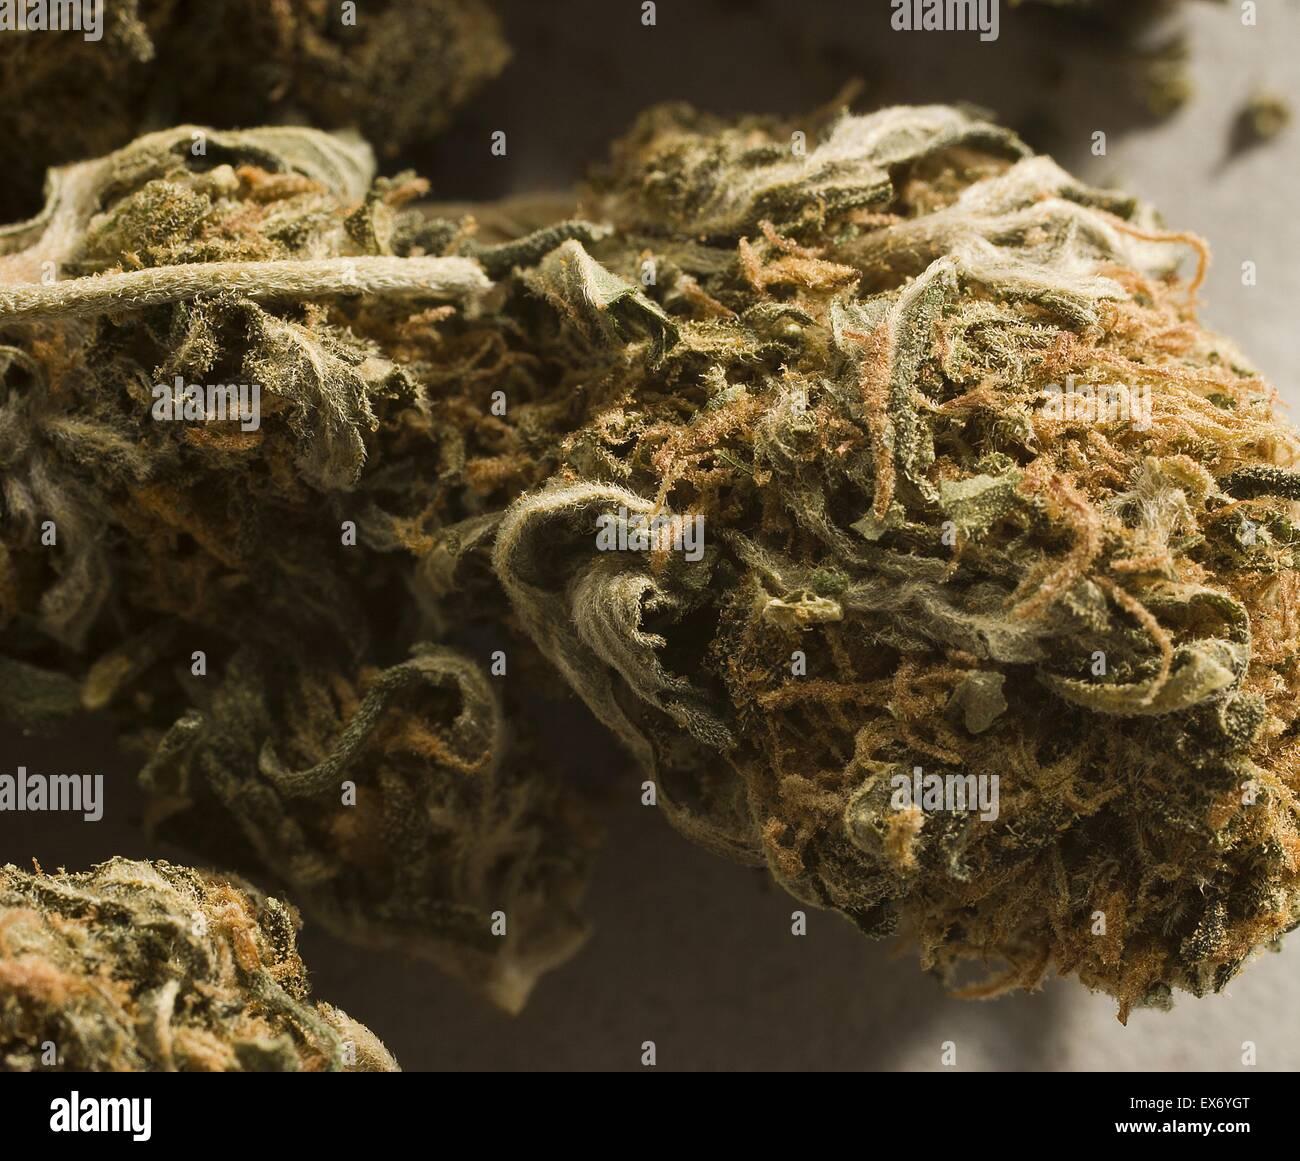 Cannabis, comúnmente conocida como la marihuana es una droga psicoactiva y como medicina, que pueden incluir aumento de humor o de euforia, relajación y aumento en el apetito. Posibles efectos secundarios incluyen una disminución de la memoria a corto plazo, el deterioro de las habilidades motoras y f Foto de stock